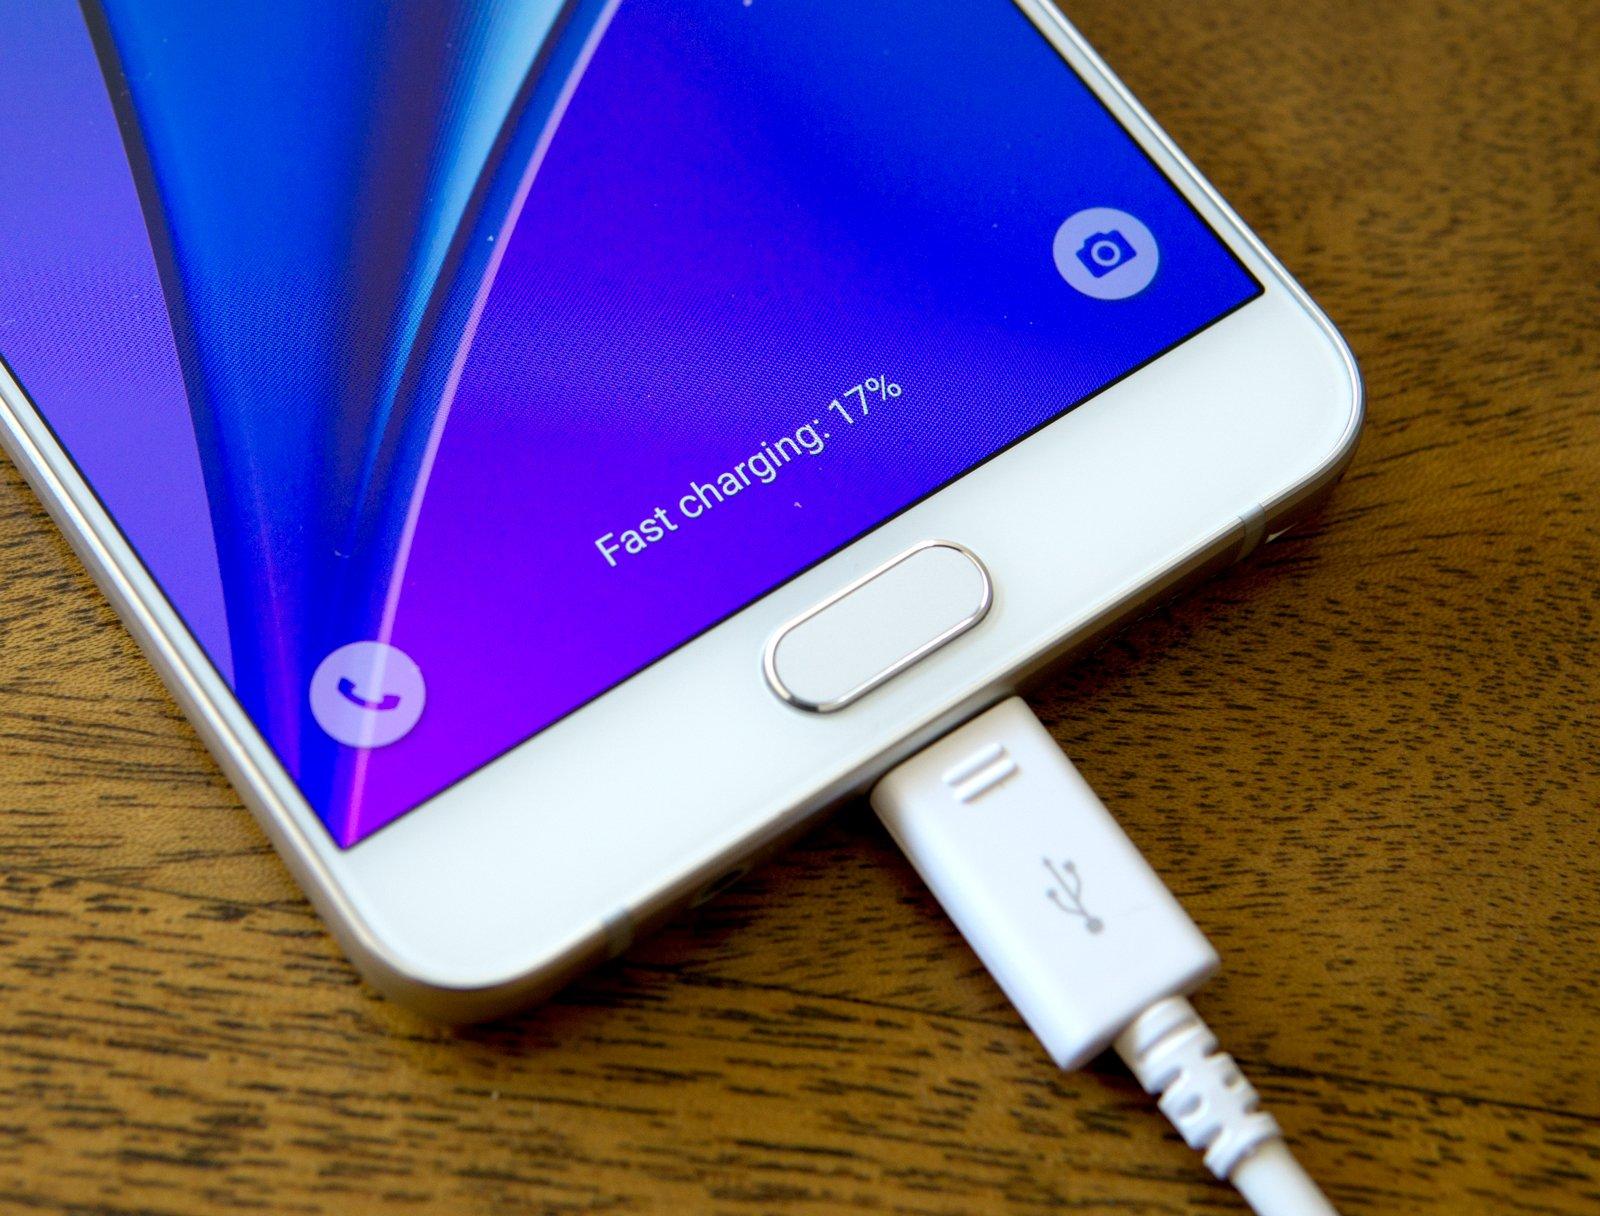 فناوری جدید سامسونگ؛ شارژ کامل گوشی در 12 دقیقه!